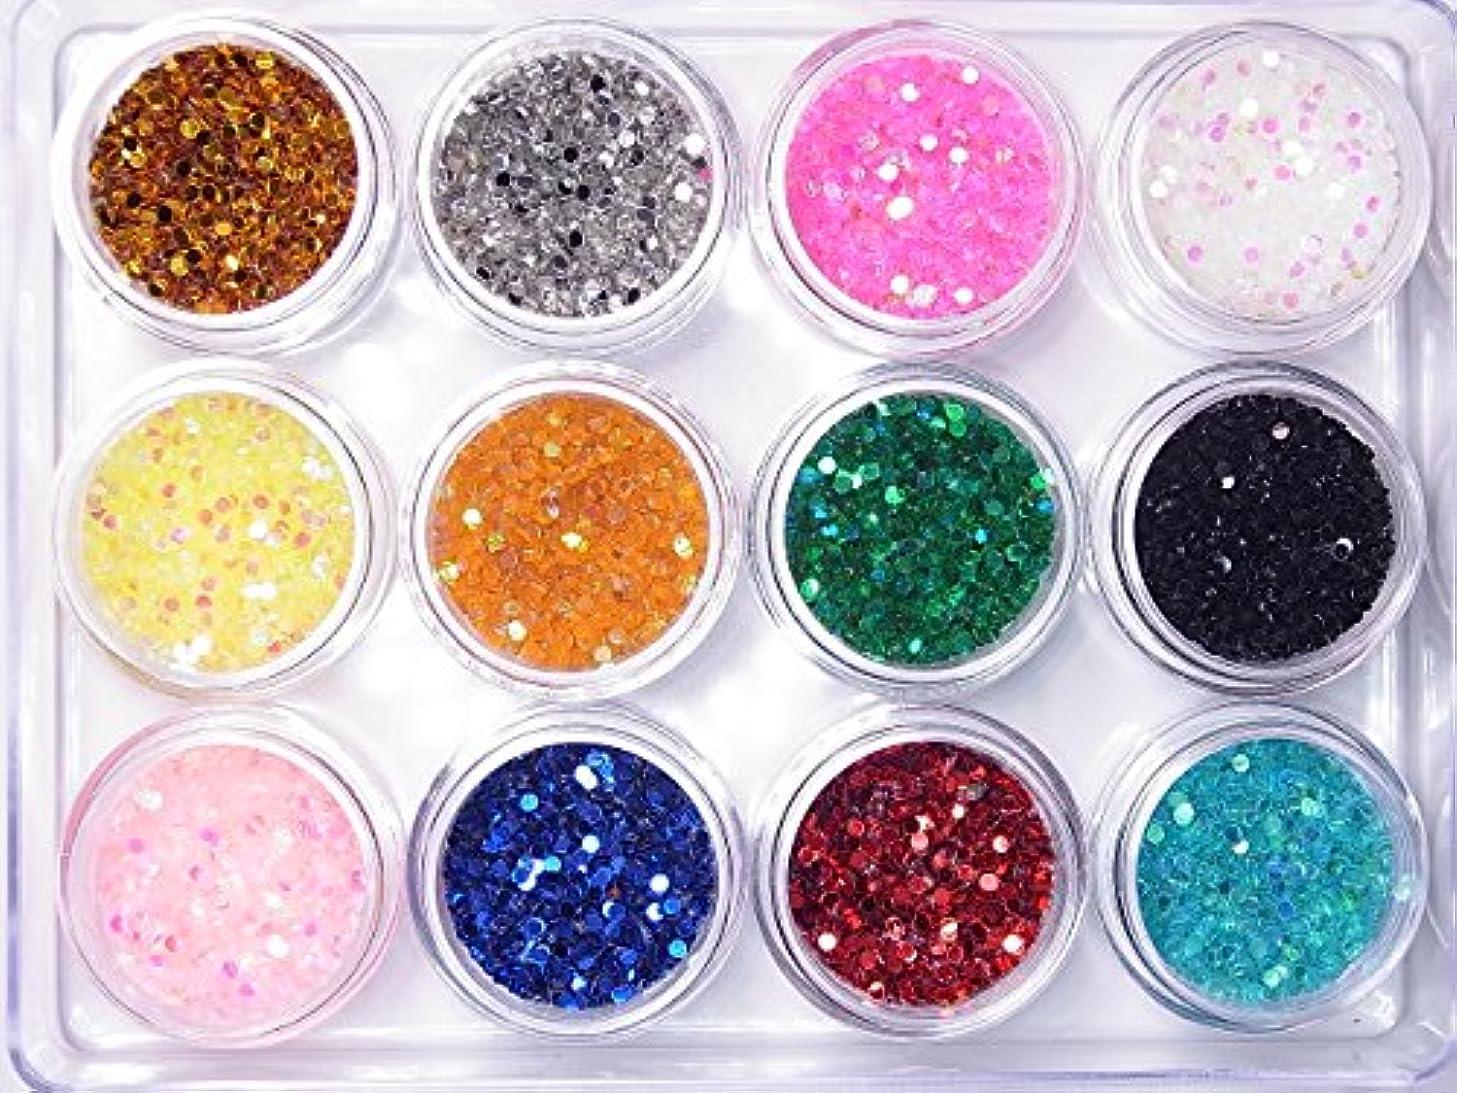 低いより豊富に【jewel】丸ホログラム1.5mm 各色たっぷり2g入り 12色SET ジェルネイル デコ